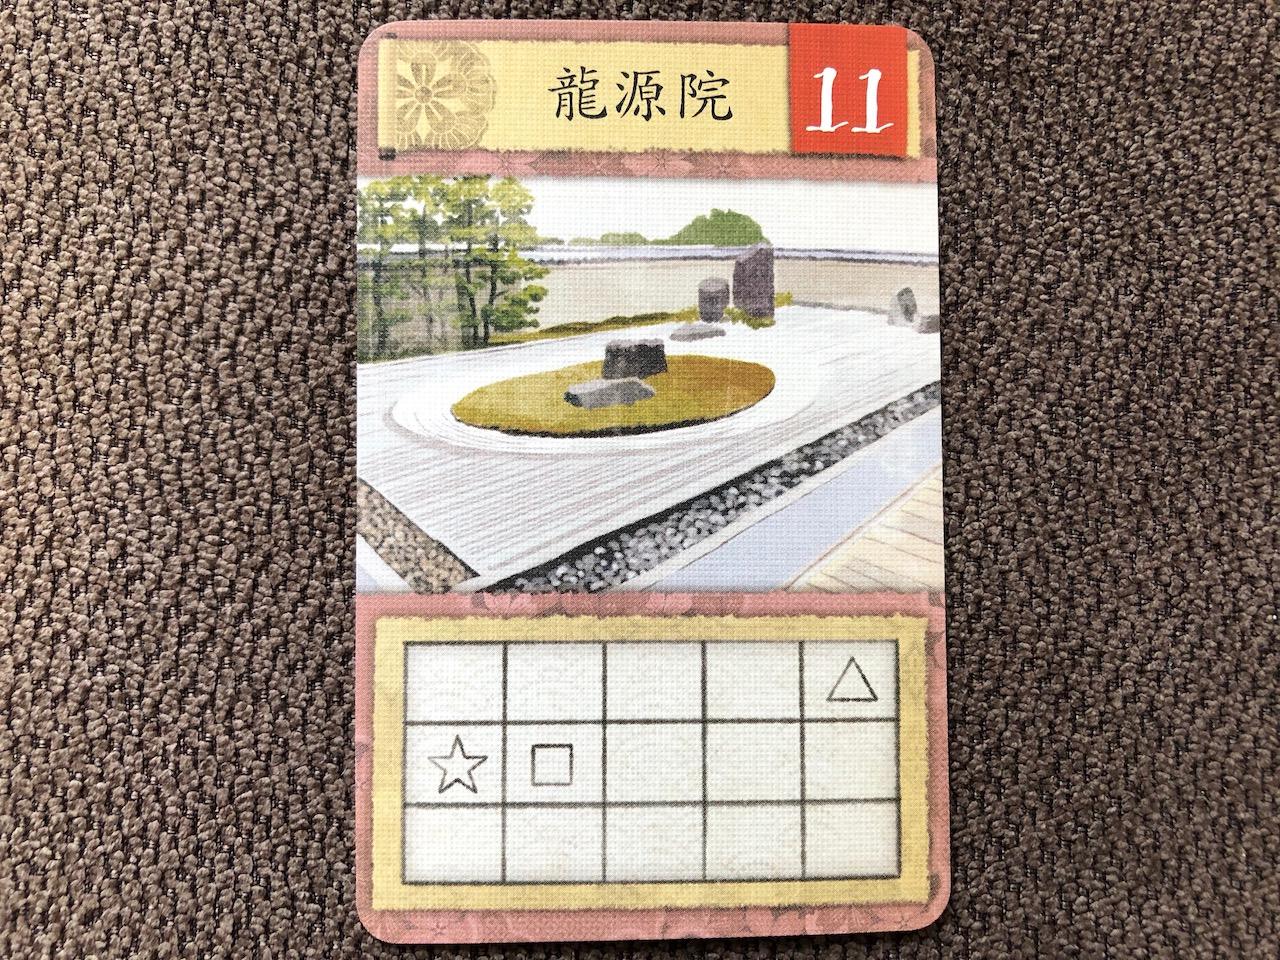 「龍源院」の名庭園カード(11点)